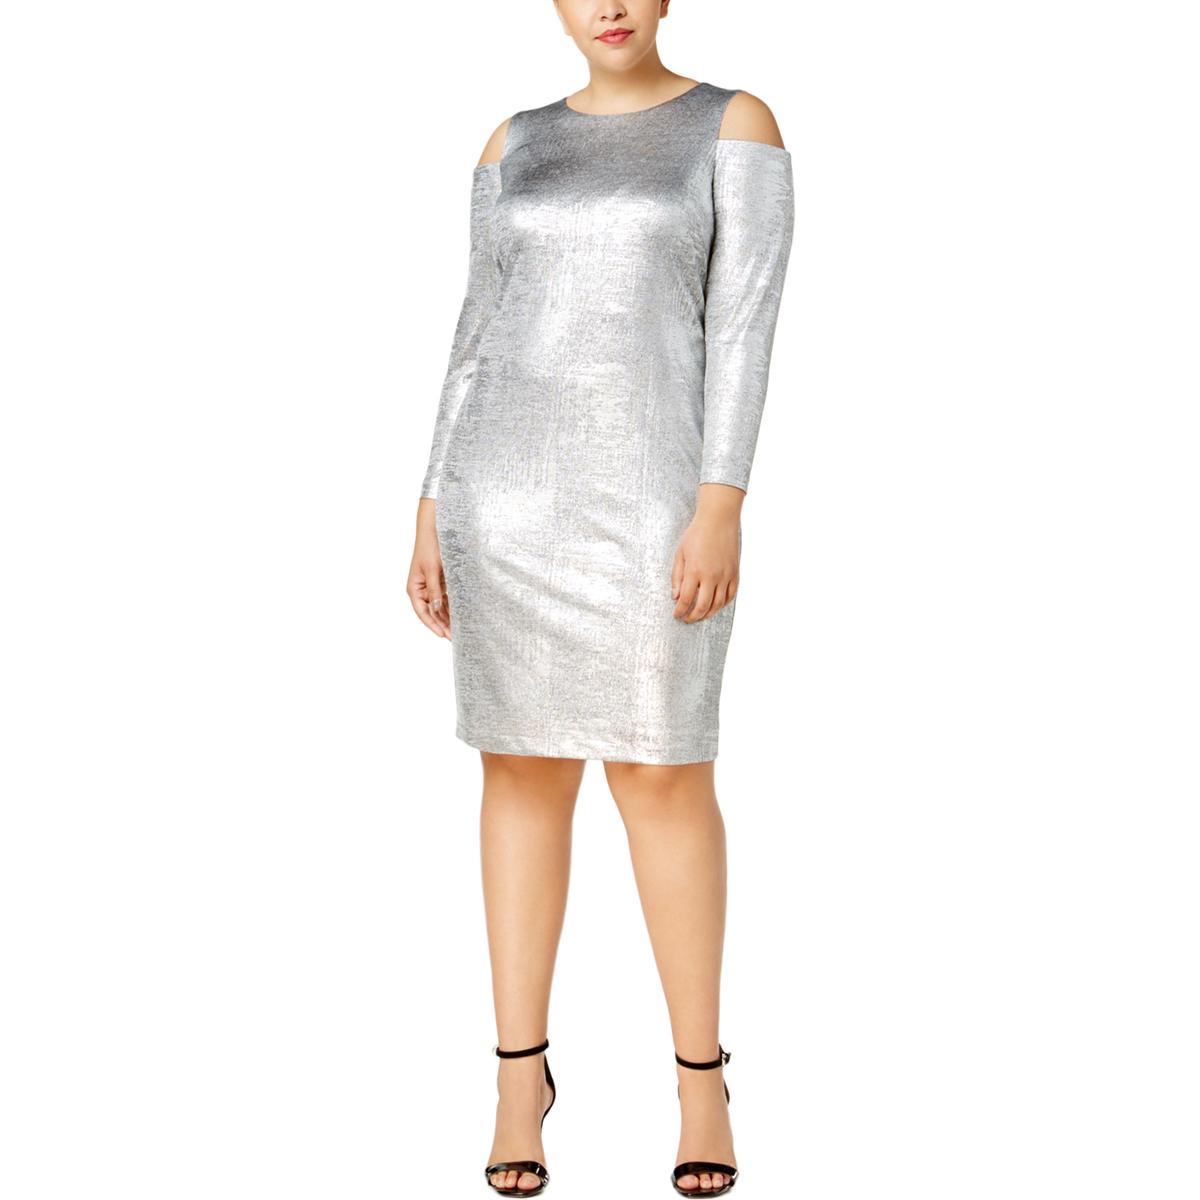 952ccce98fc Details about Calvin Klein Womens Cold Shoulder Metallic Cocktail Party  Dress Plus BHFO 3462